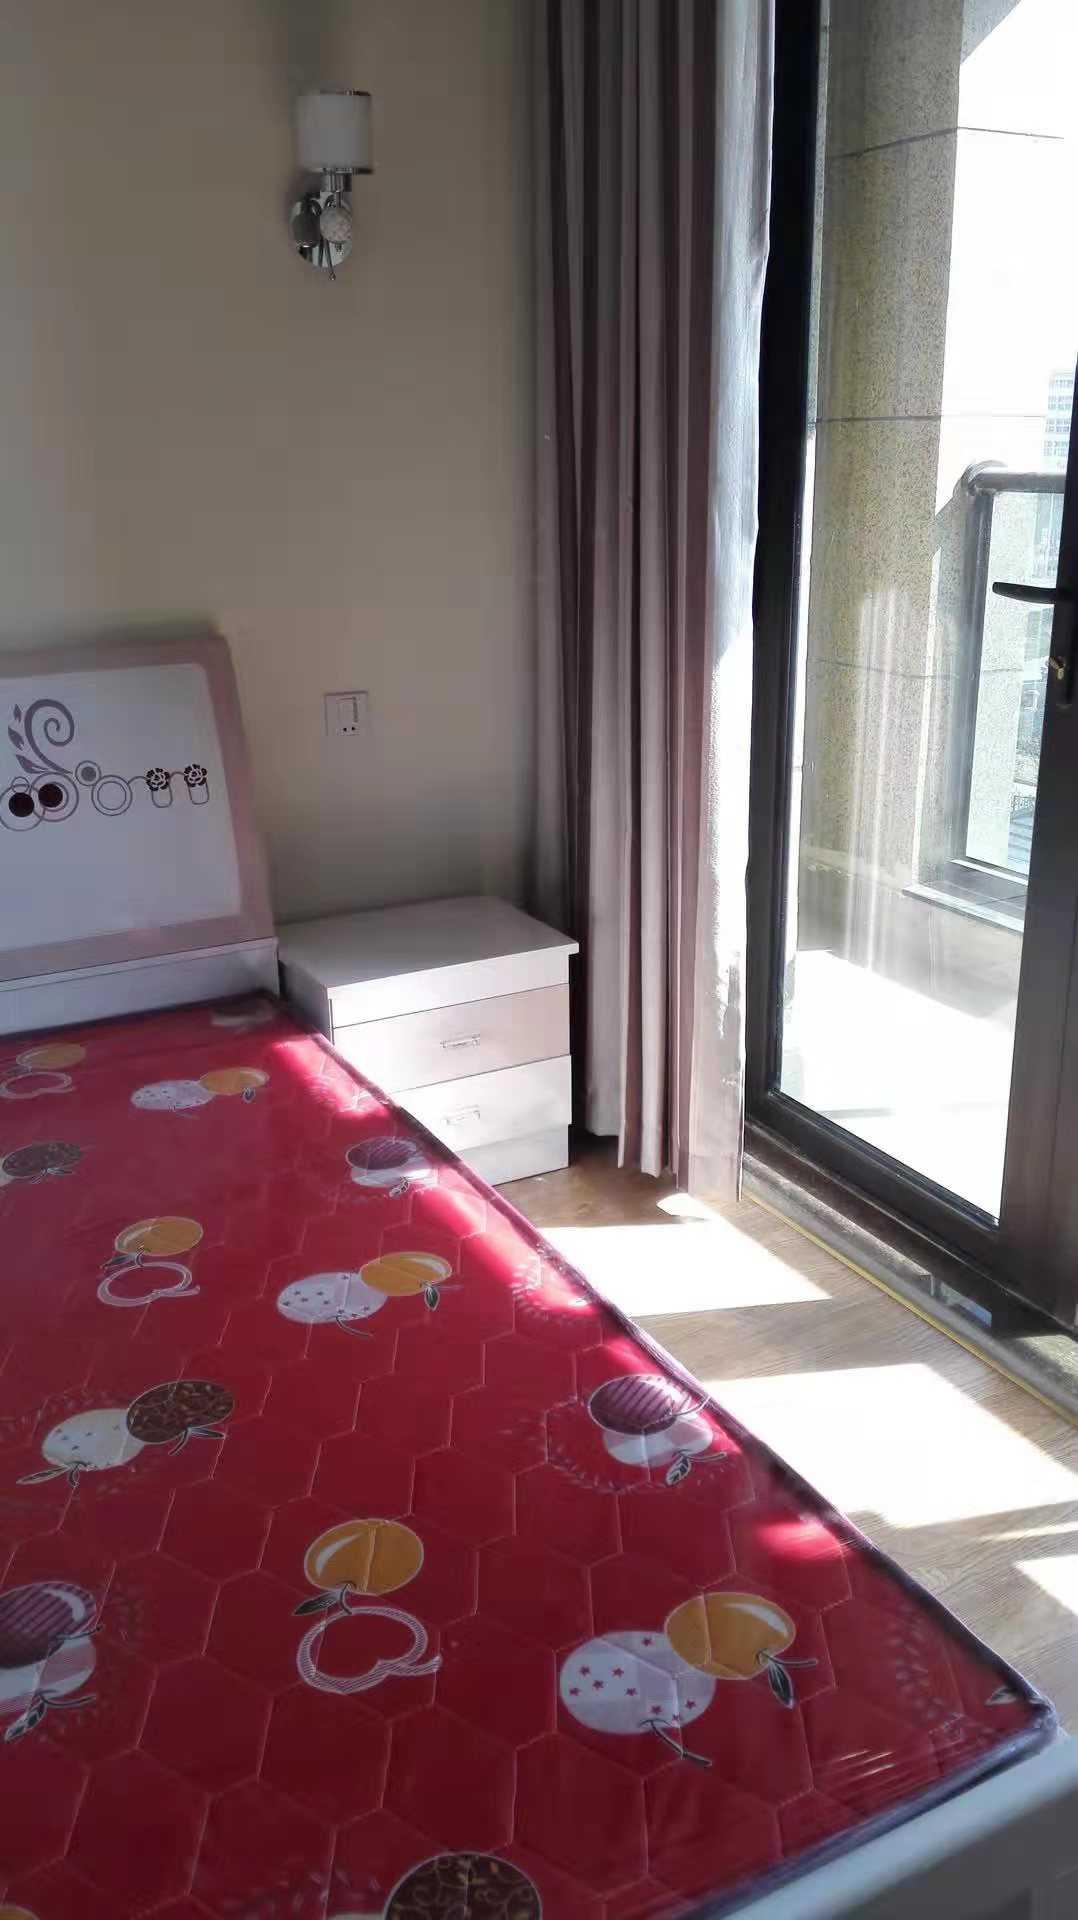 10121出租玉兰花园5/30楼 东边套 89平方 2室2厅1厨1卫  精装修  有一储藏室 2300/月,物业费租户出的实拍照片